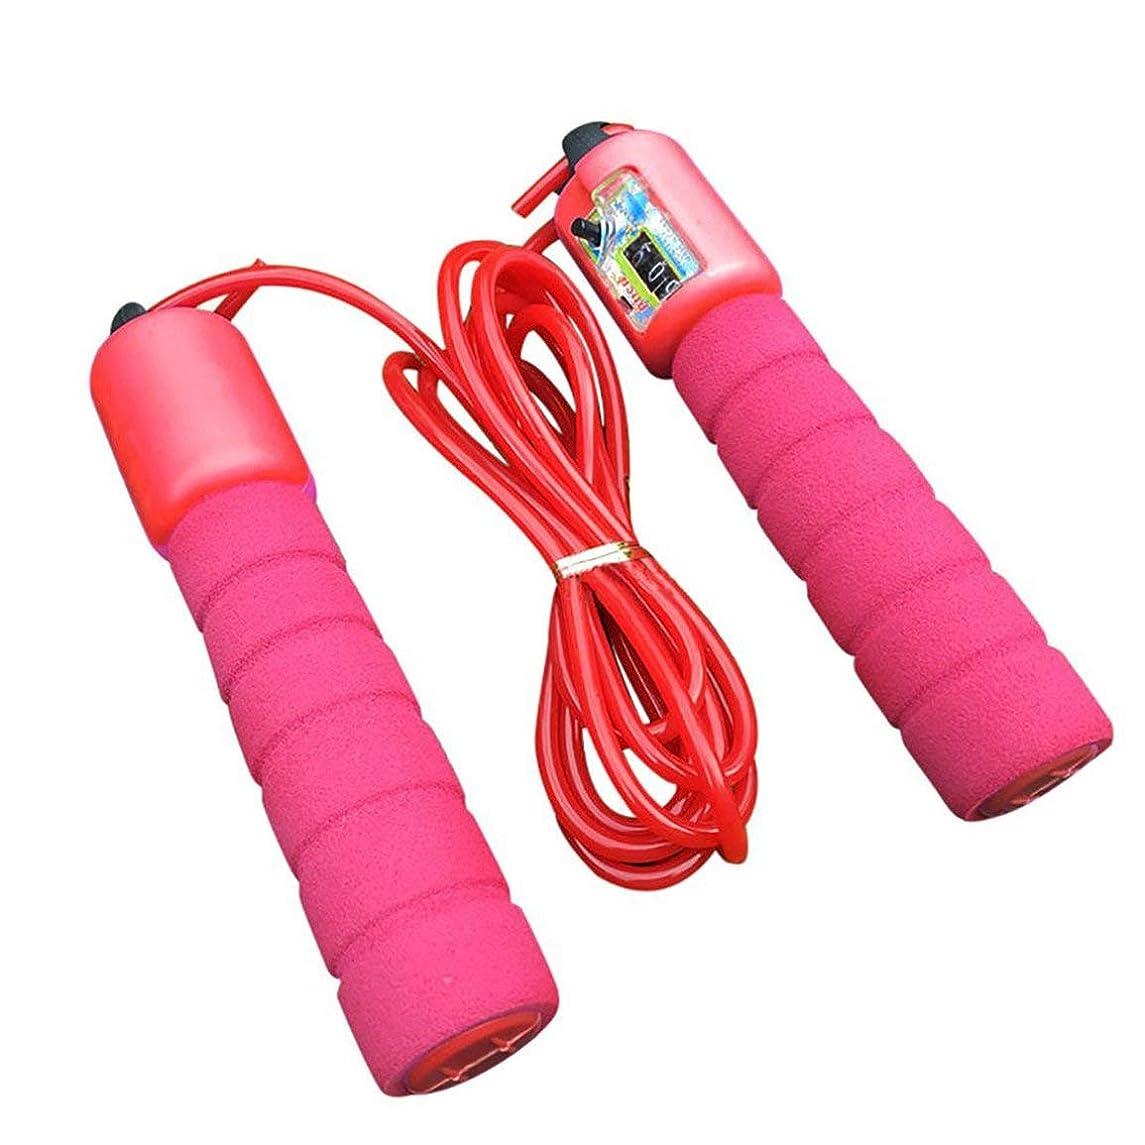 針オーラルとても調整可能なプロフェッショナルカウント縄跳び自動カウントジャンプロープフィットネス運動高速カウントジャンプロープ - 赤